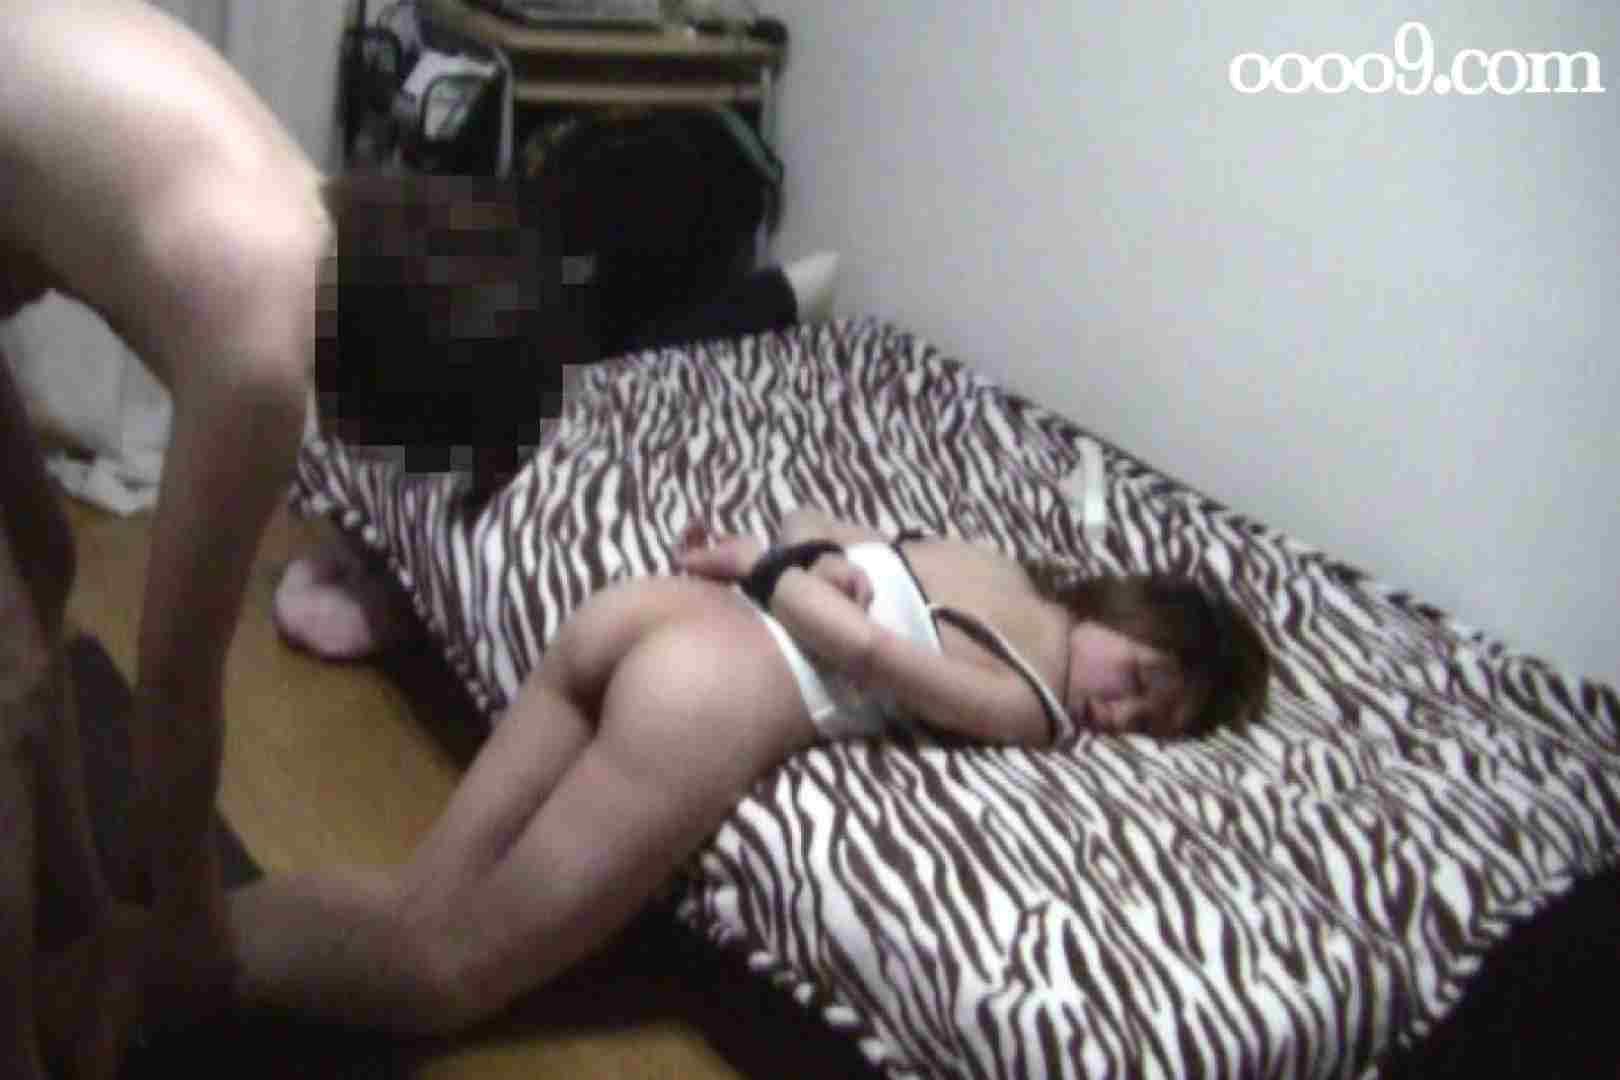 俺と彼女のハメハメ日記~八日目(挿入編)~ 一般投稿 ヌード画像 109pic 12